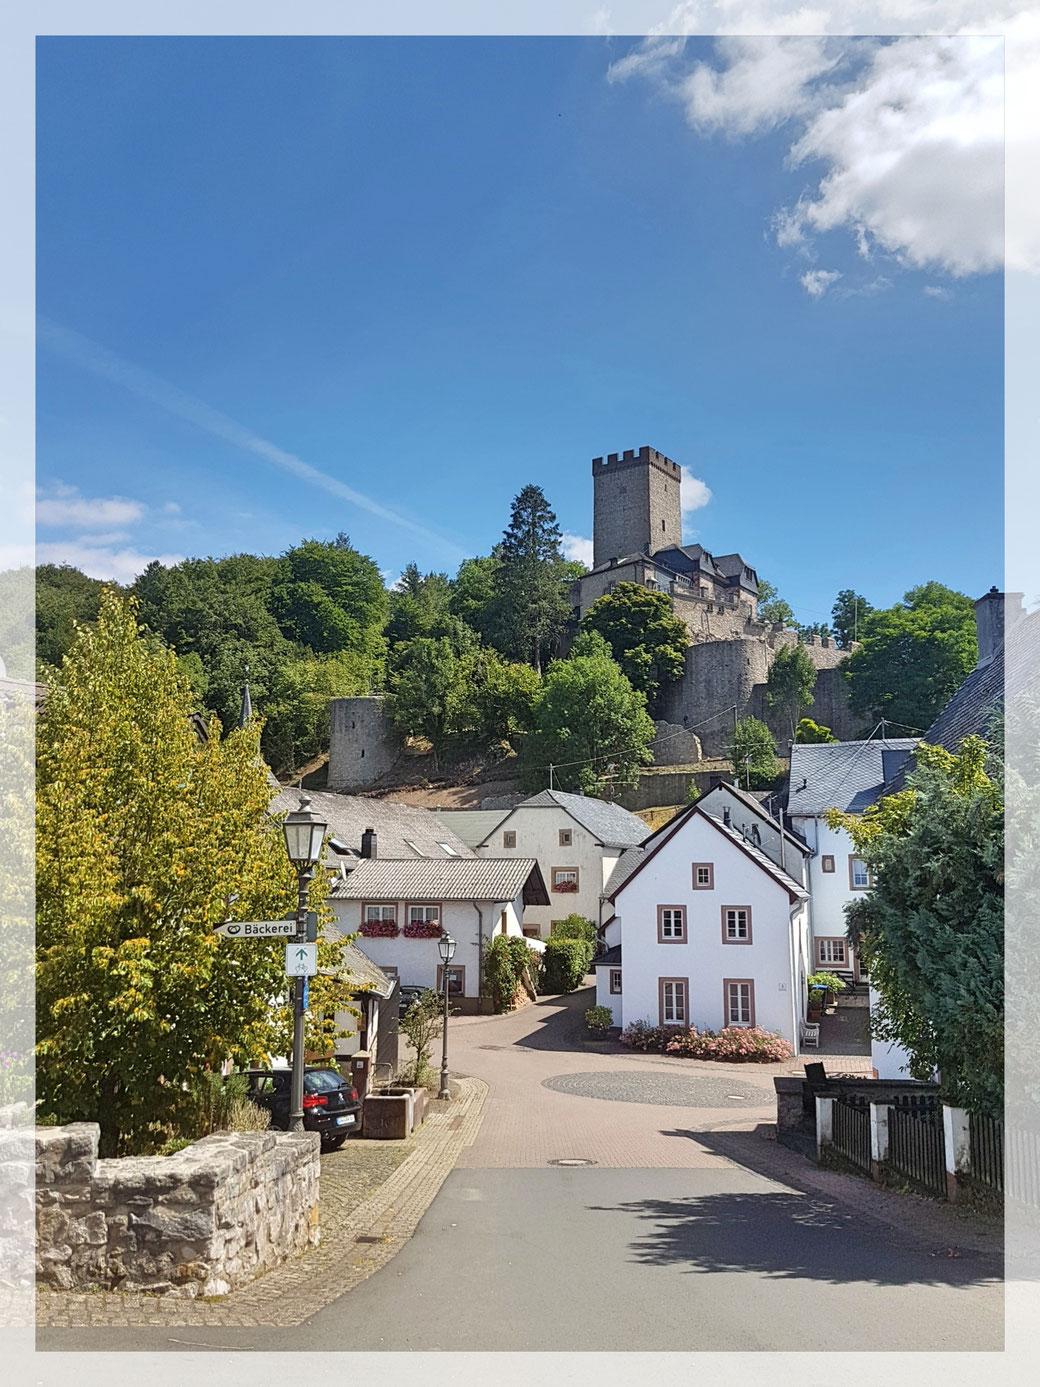 Erster Eindruck von Kerpen mit seiner Burg bei unserer Ankunft am frühen Vormittag.